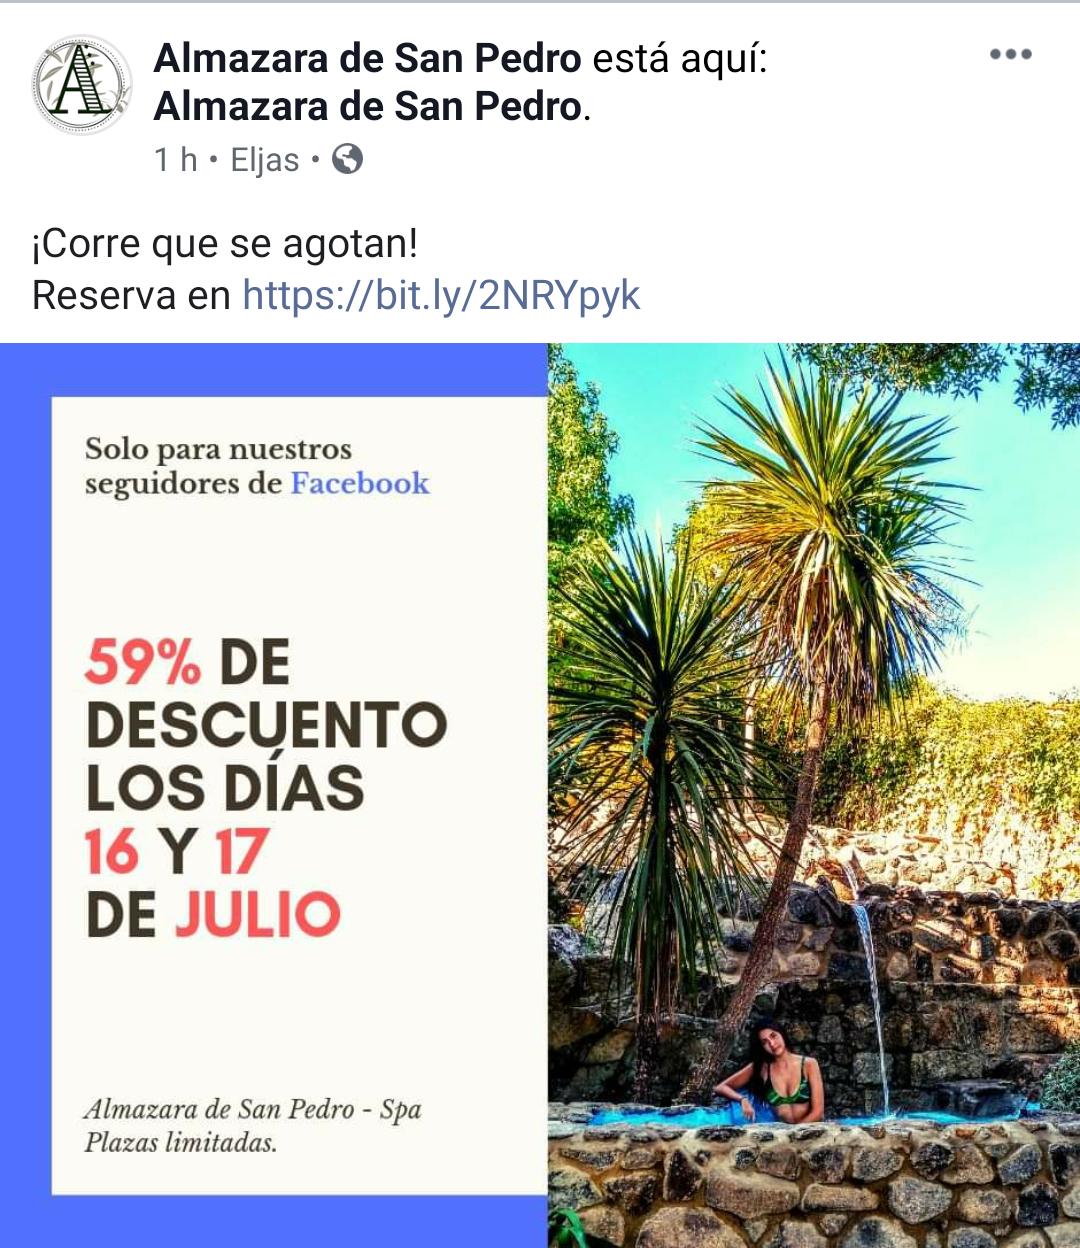 Almazara de San Pedro, Caceres 59% de descuento 16 y 17 Julio